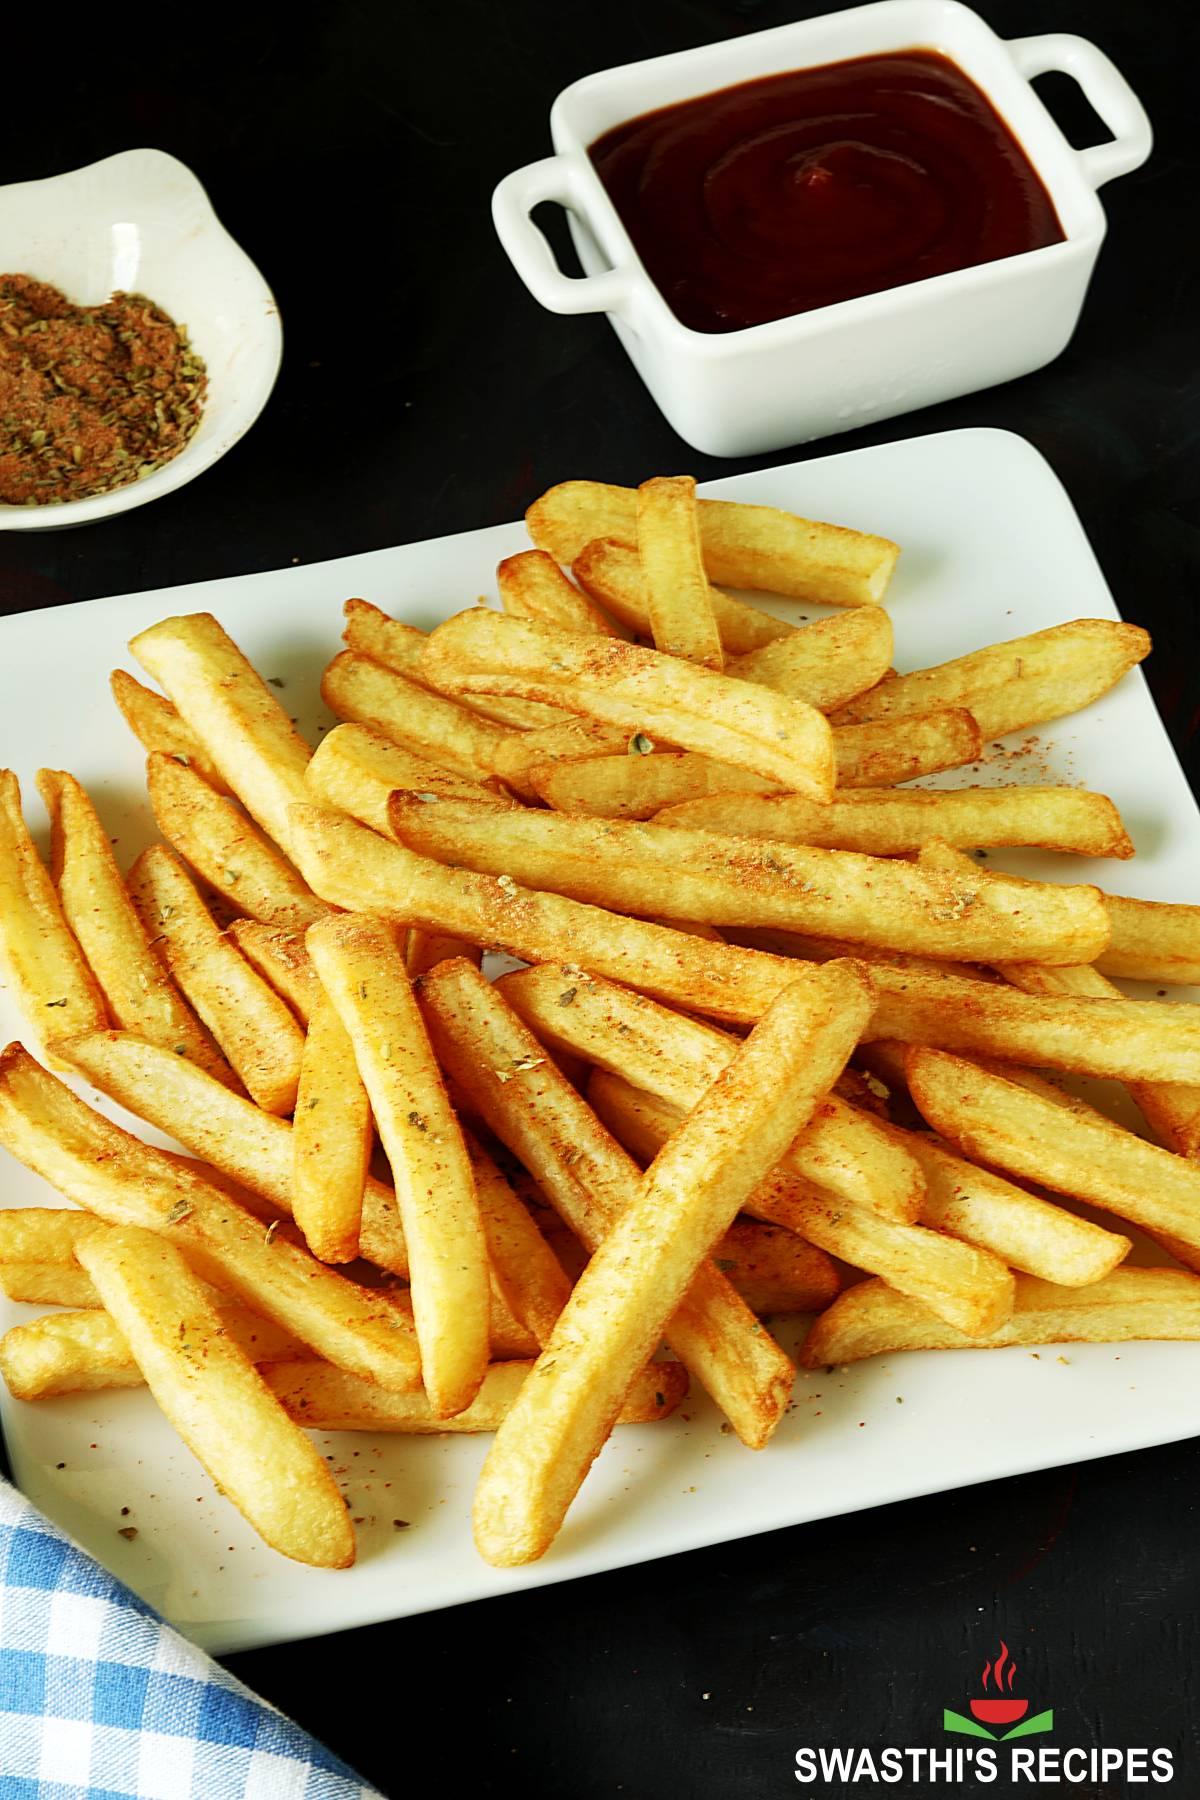 French fries - potato finger chips